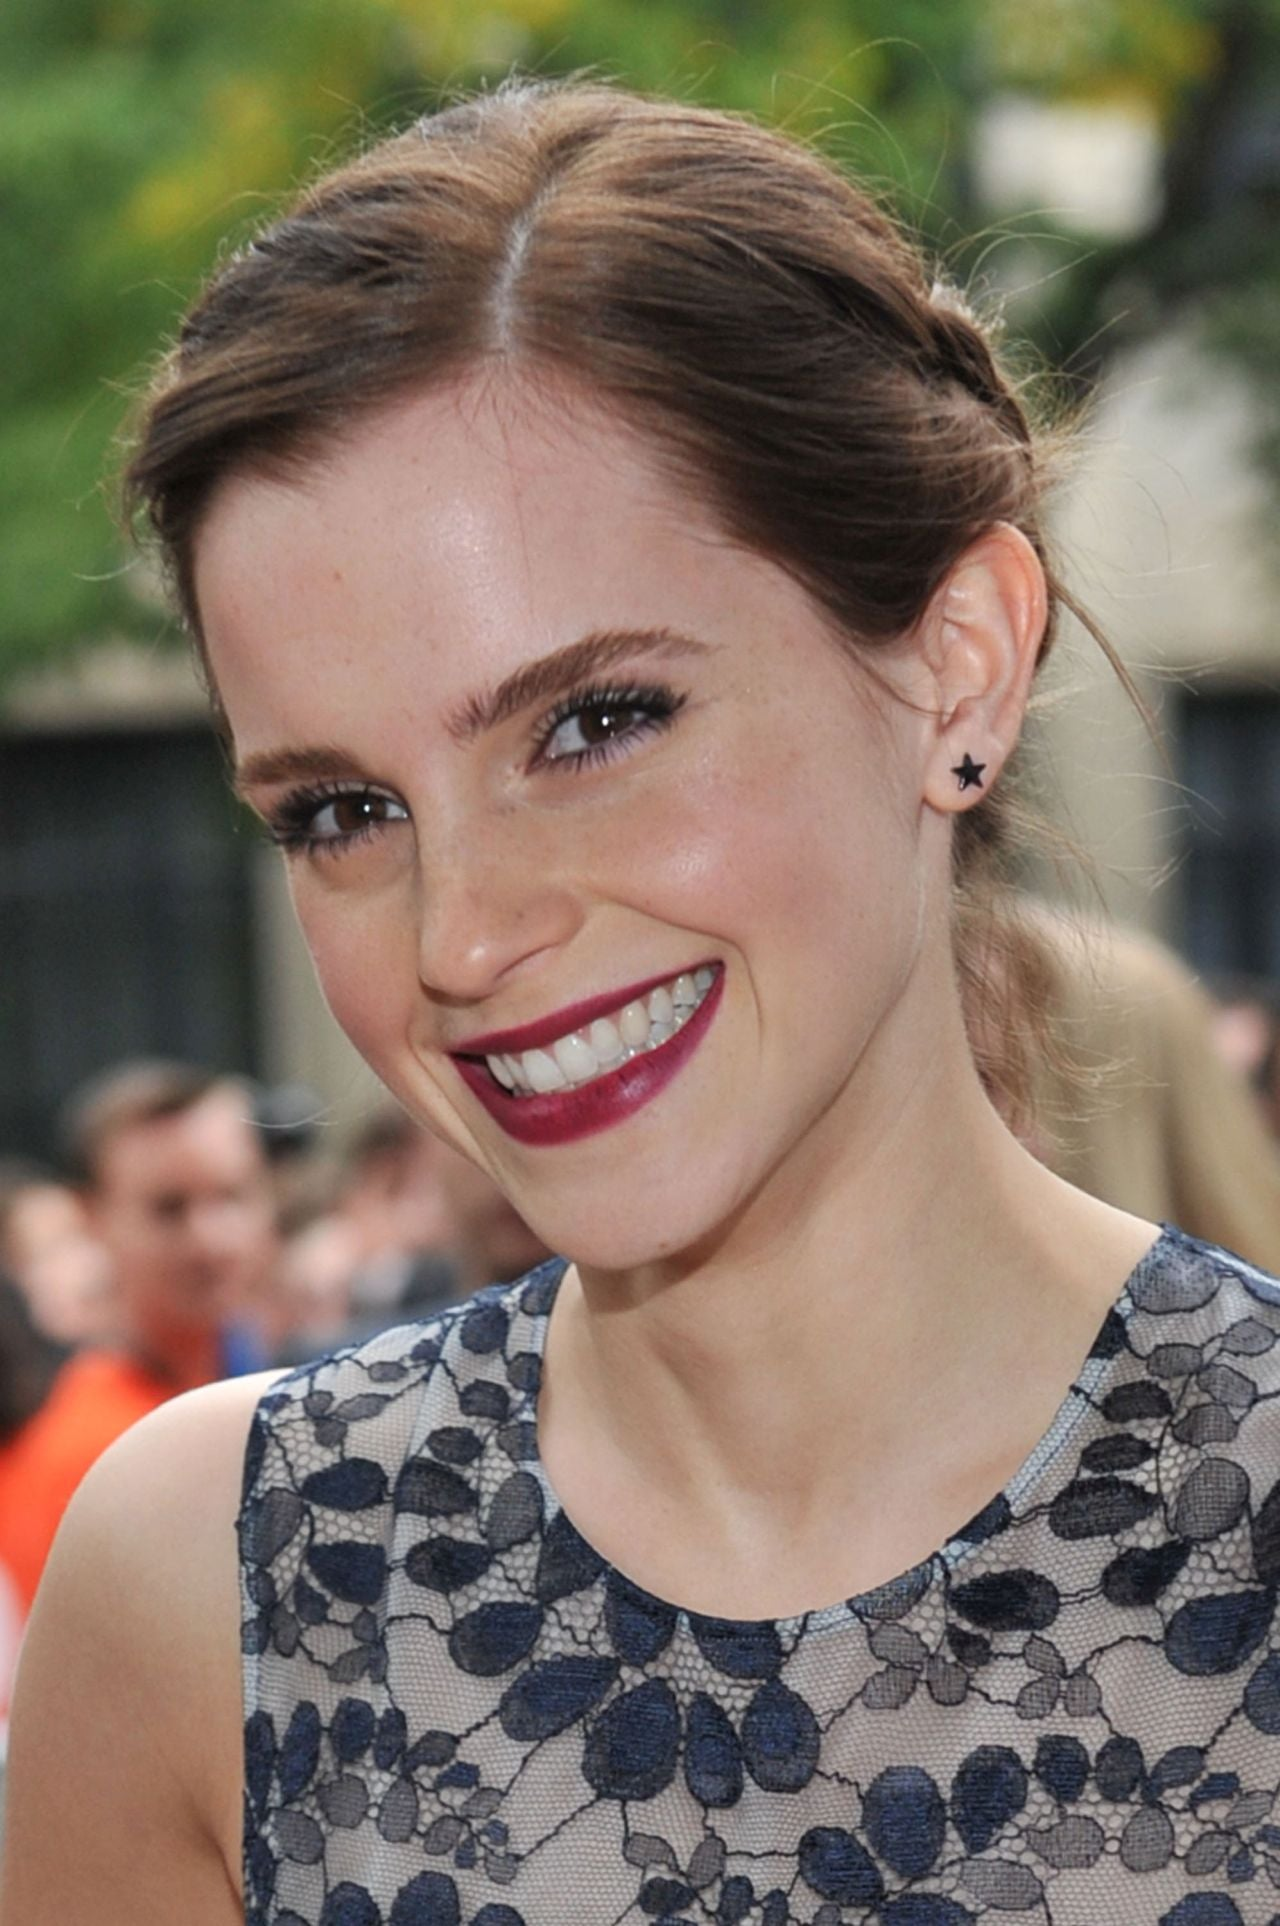 Watson косметика сайт